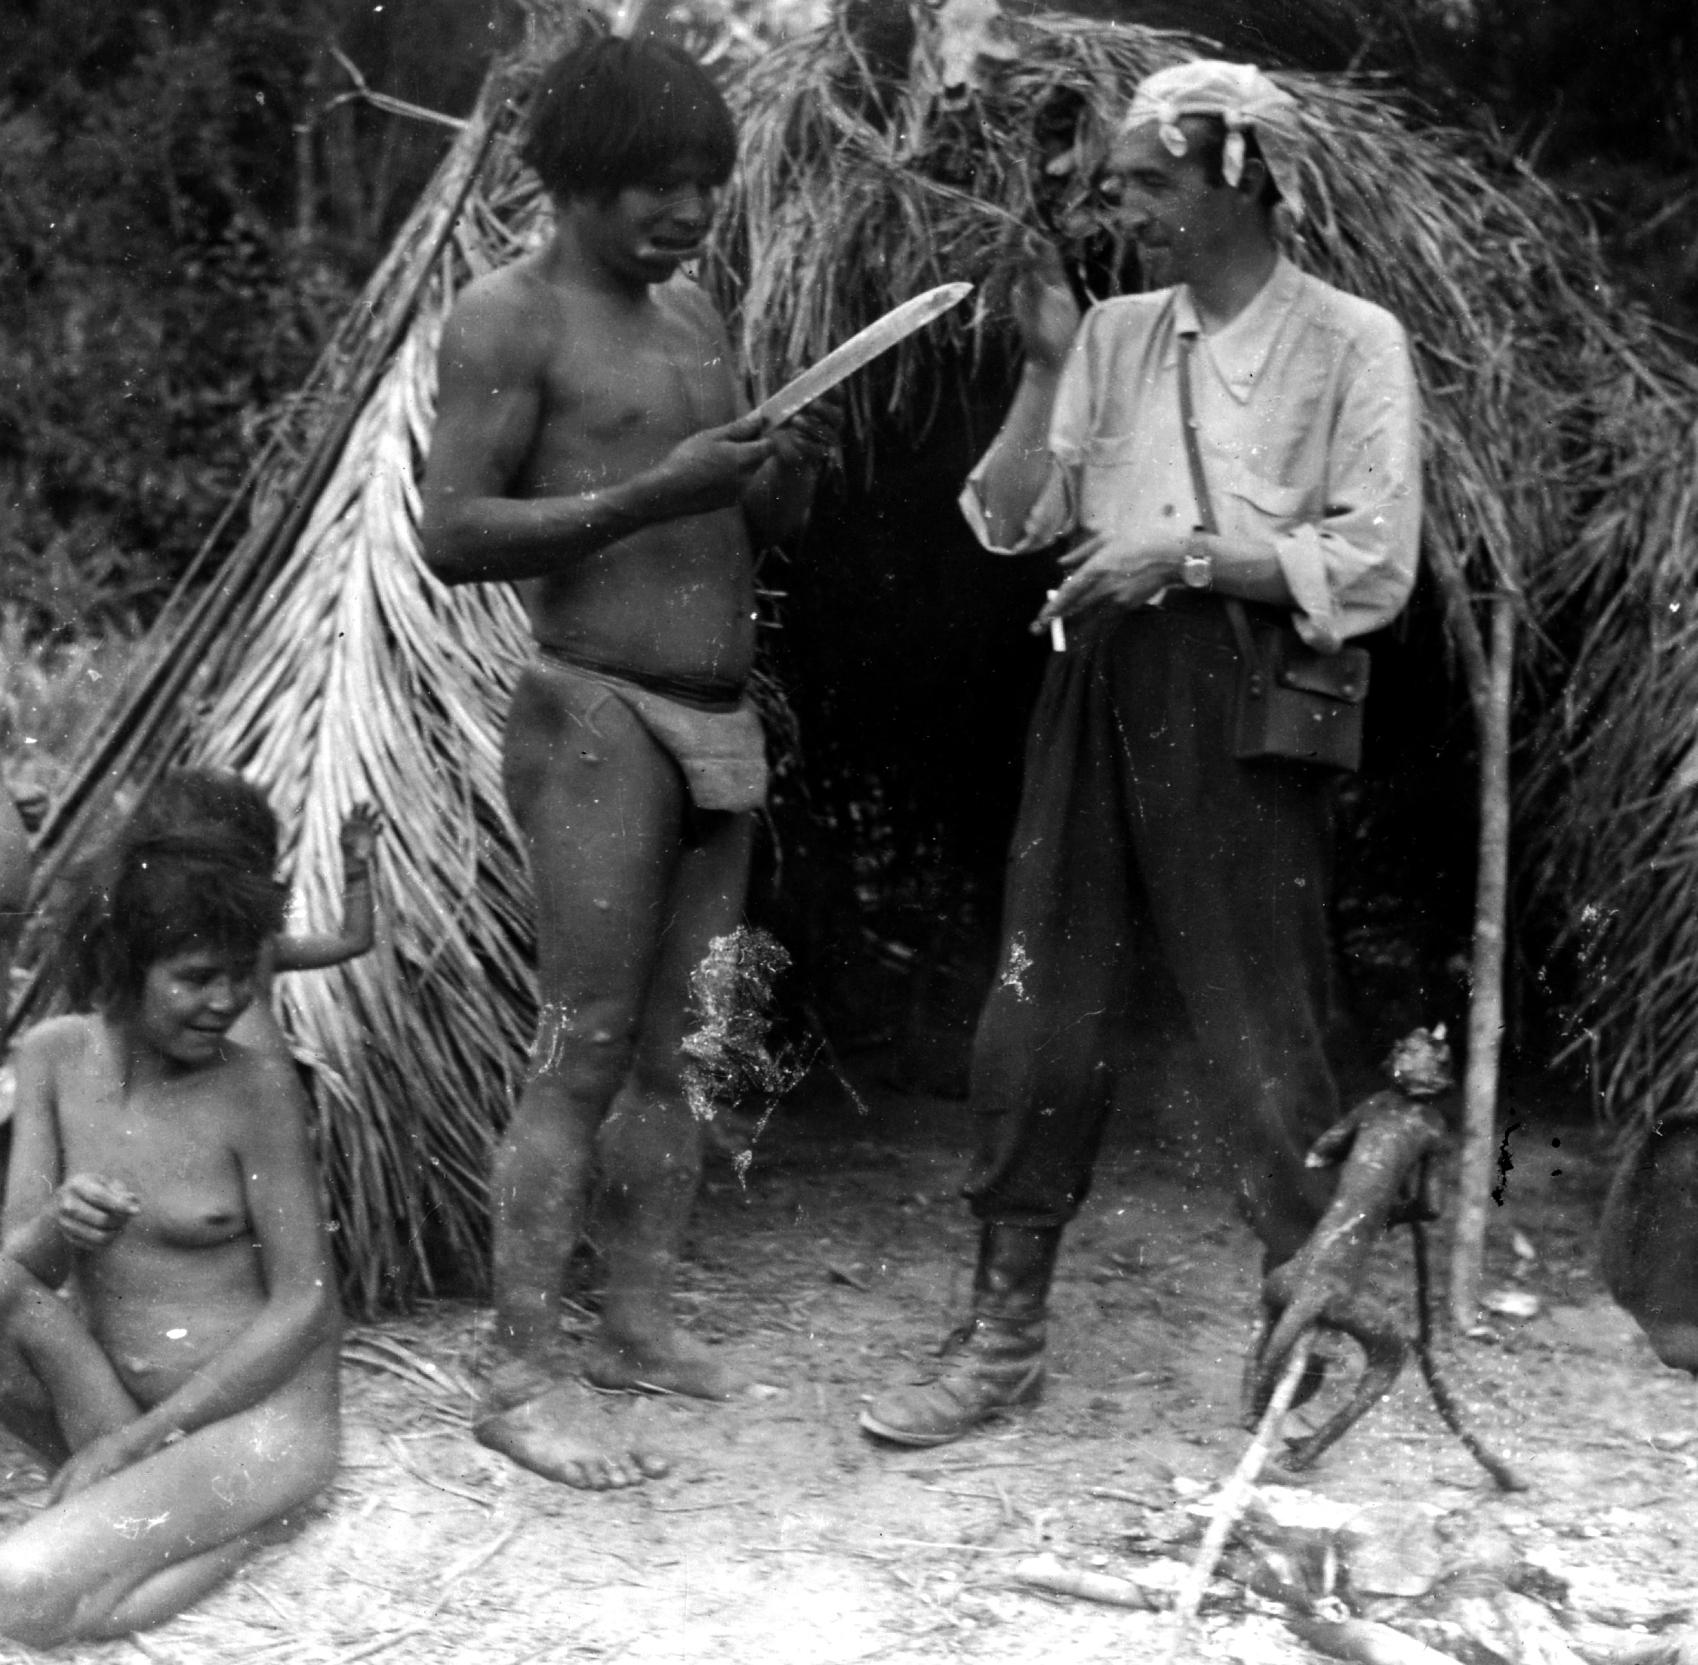 Indígena Xetá(Mã) e equipe das expedições científicas. 2º expedição científica e de contato, novembro de 1955